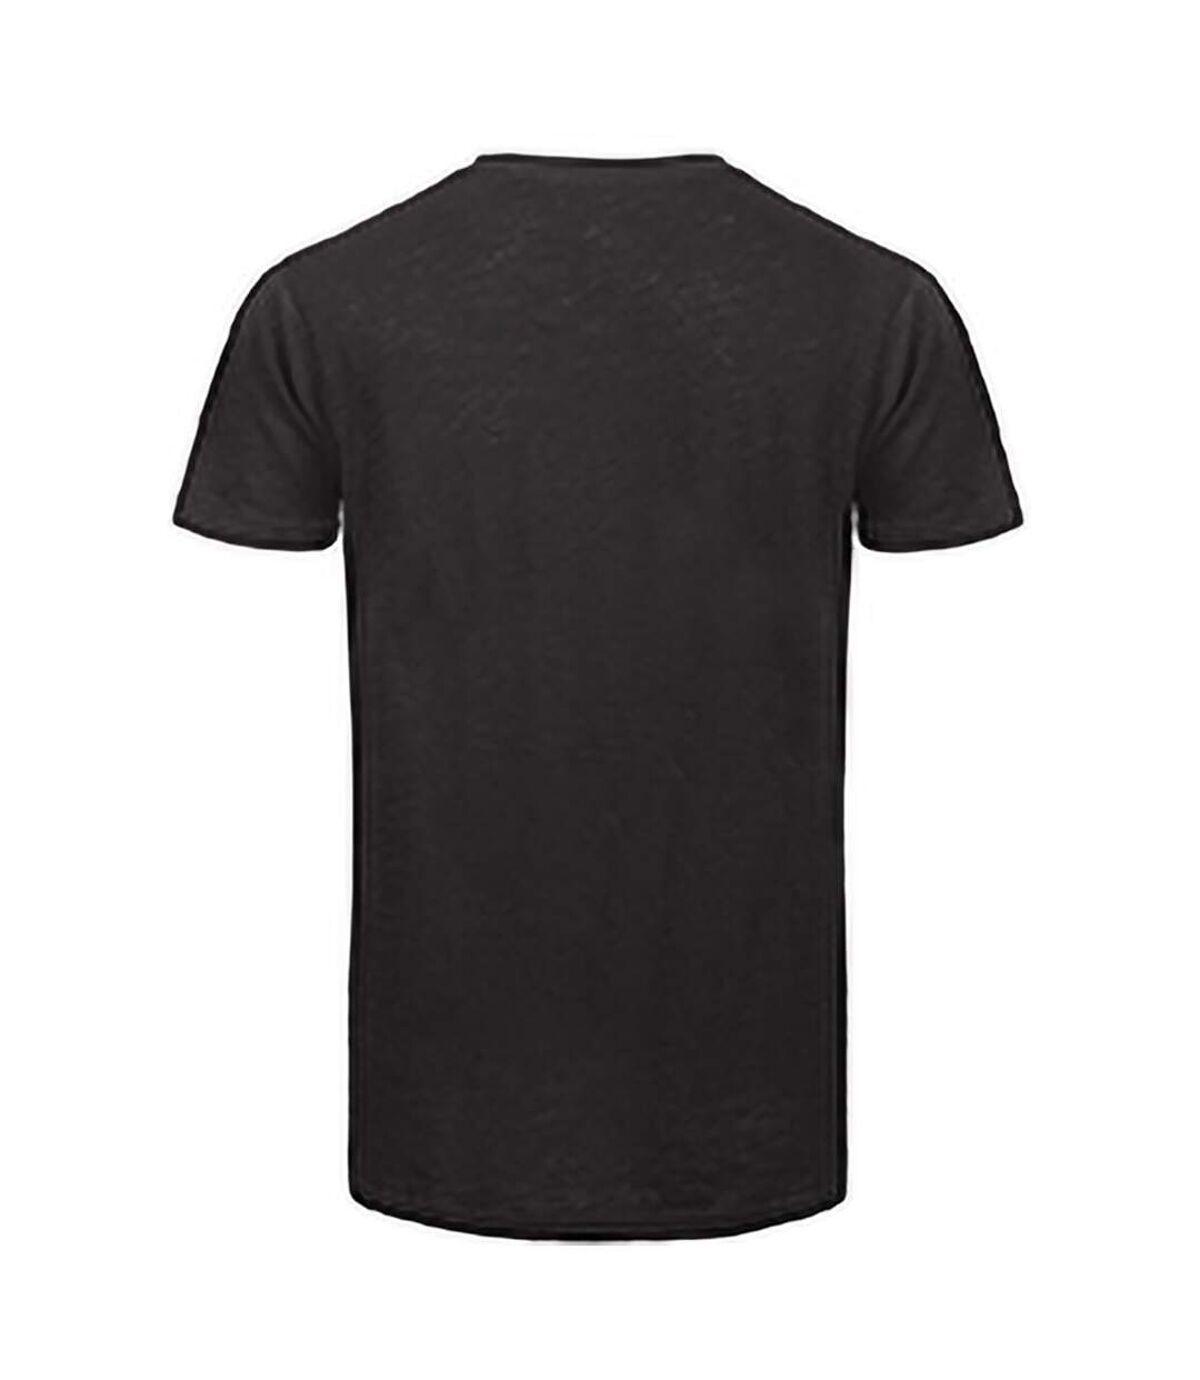 B&C Mens Favourite Organic Cotton Slub T-Shirt (Chic Black) - UTBC3637